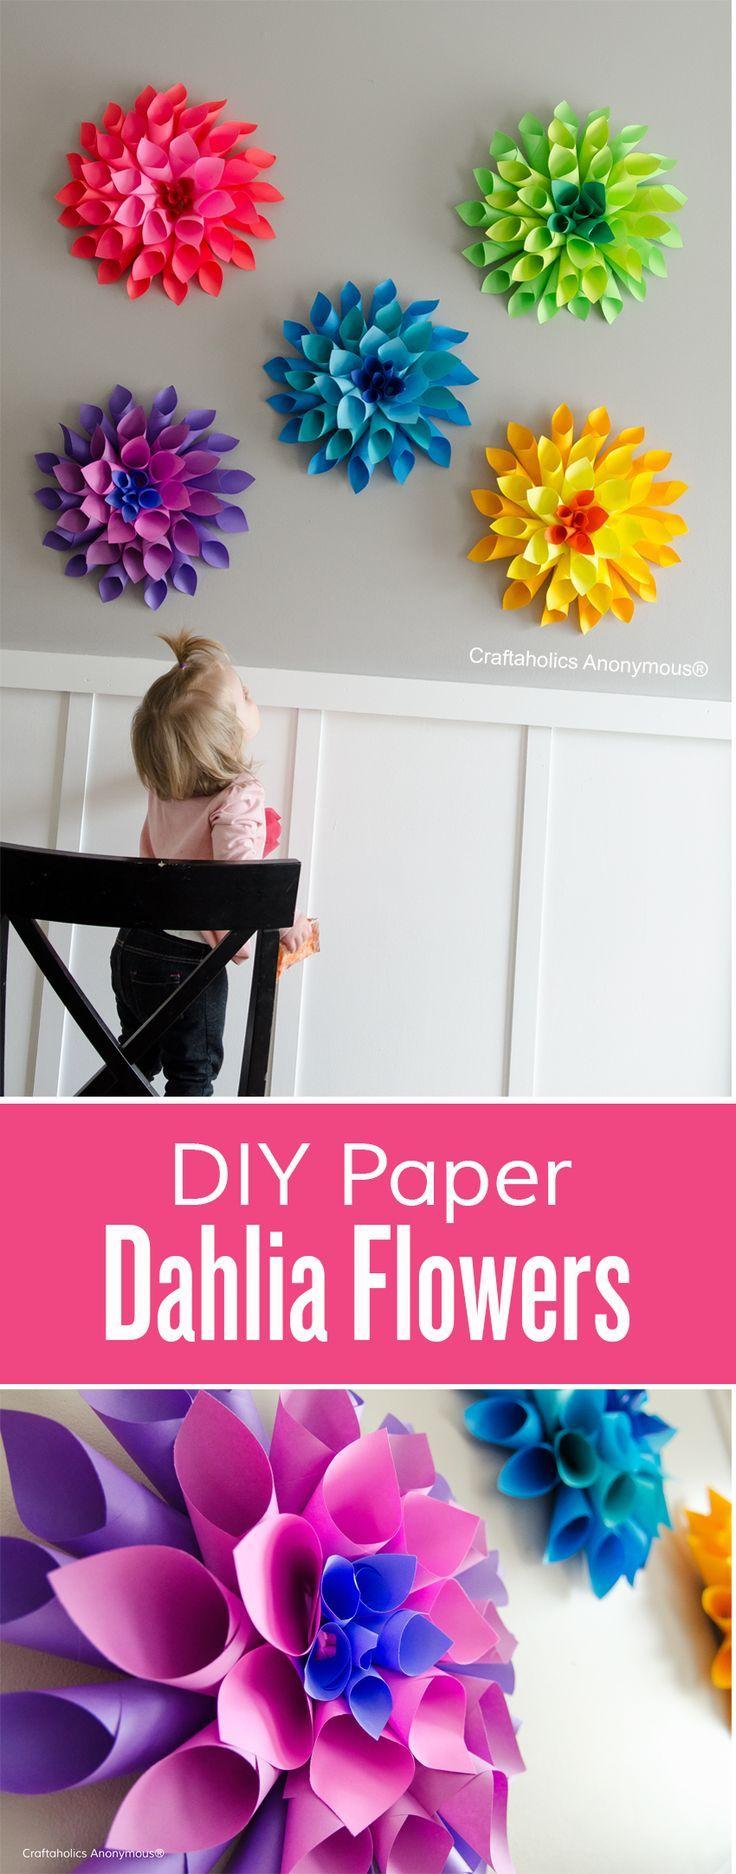 -Atelier créatif - Paper Dahlia flowers